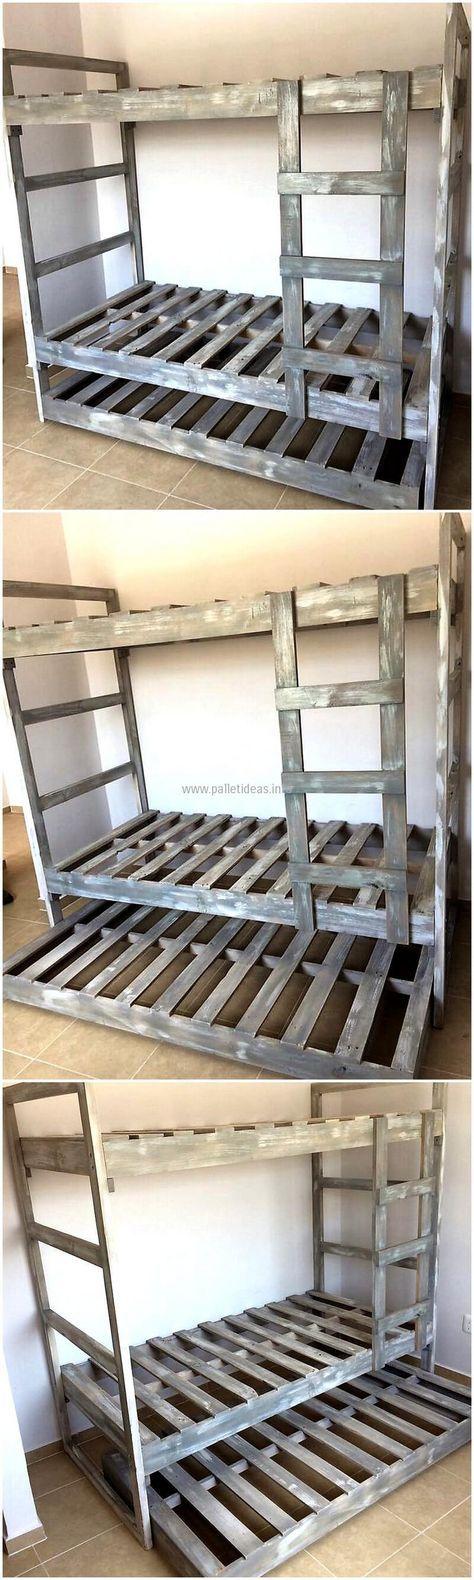 25 best ideas about bunk bed plans on pinterest loft for Diy pallet loft bed plans